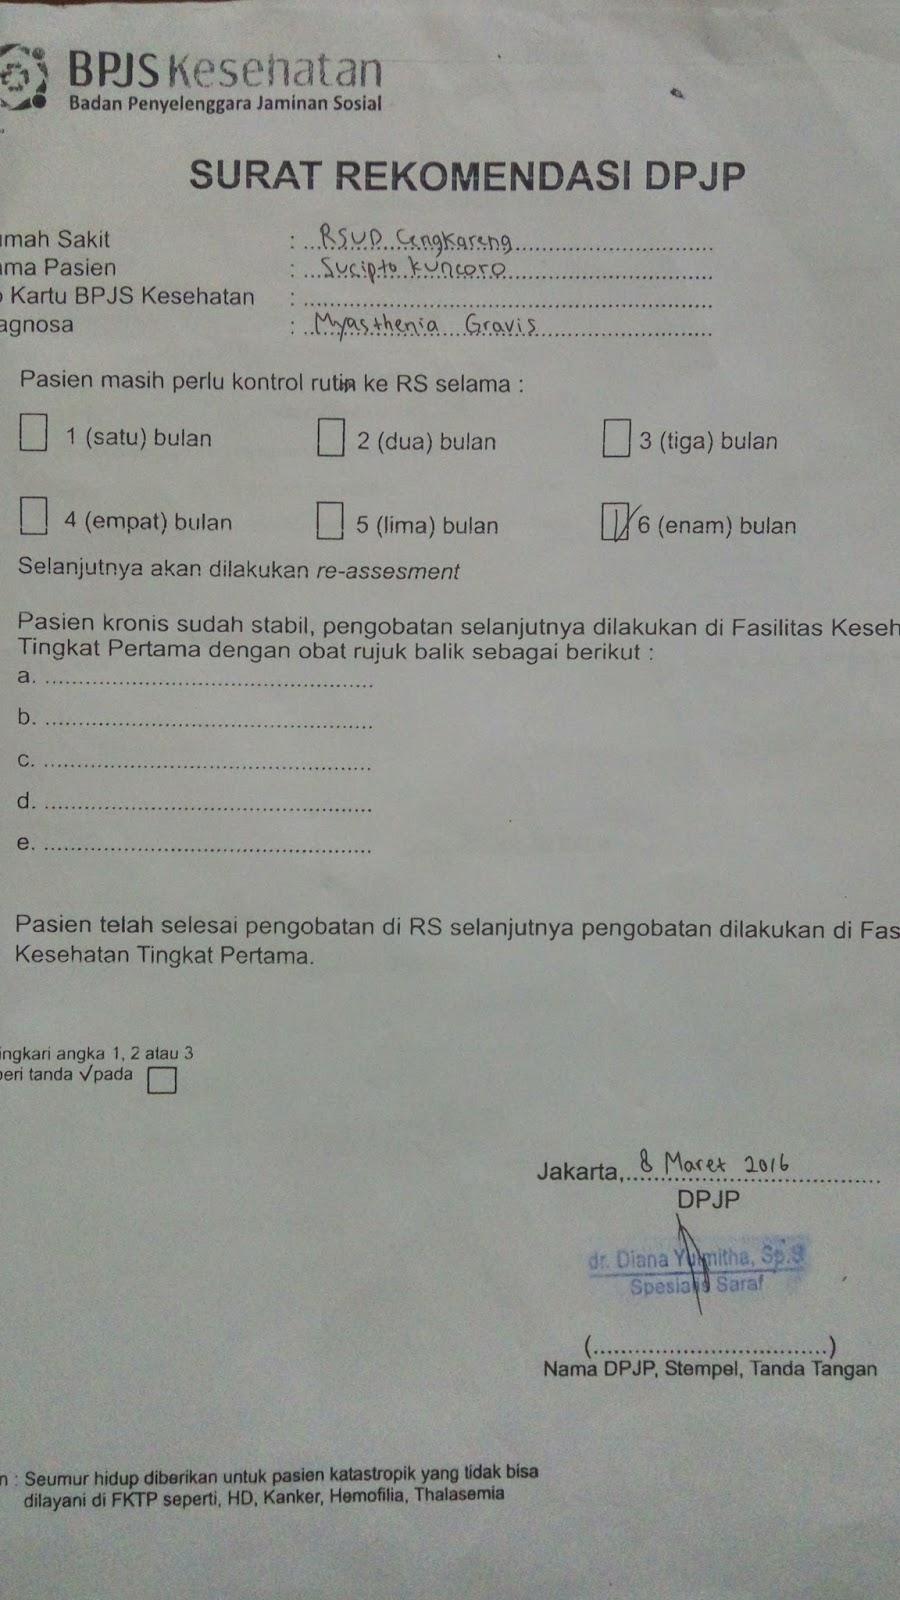 Perlukah Surat Rujukan Lagi Untuk Kontrol Sekaligus Berobat